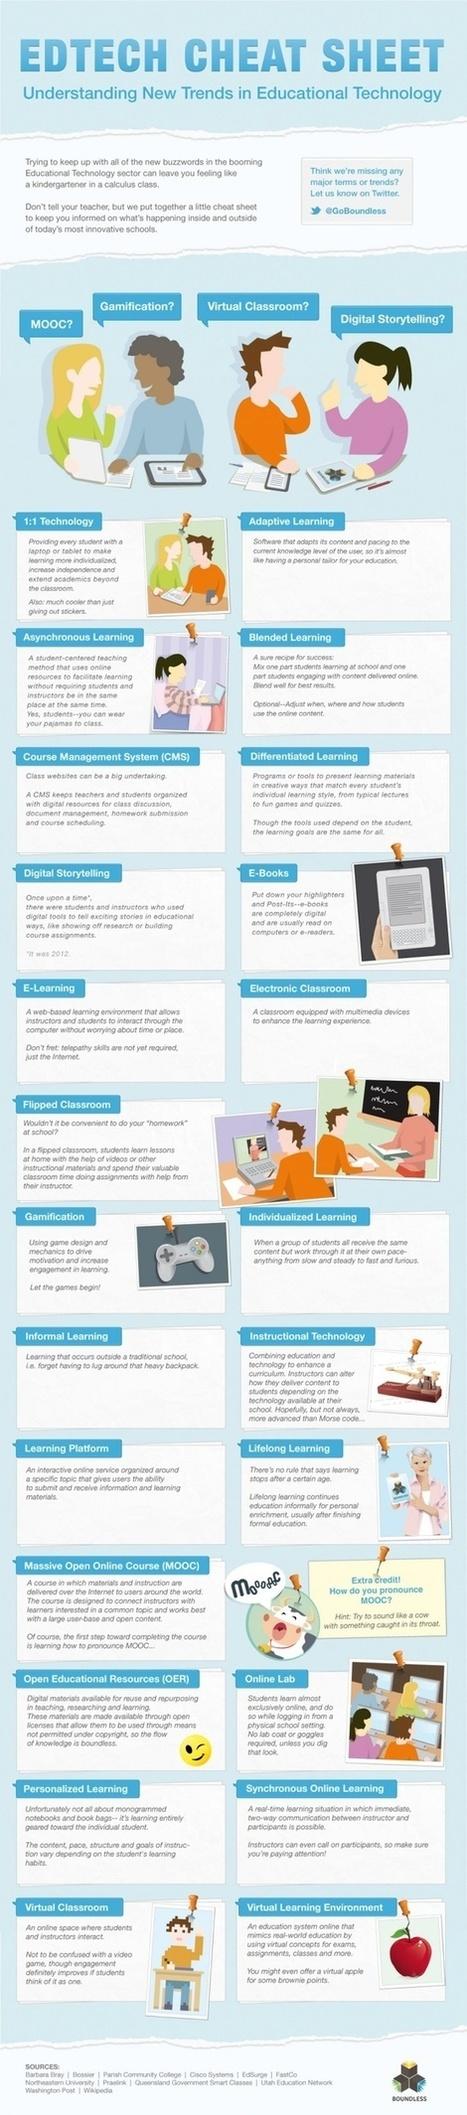 Diccionario de tendencias en tecnología educativa | Asesoría TIC y aprendizaje competencial | Scoop.it